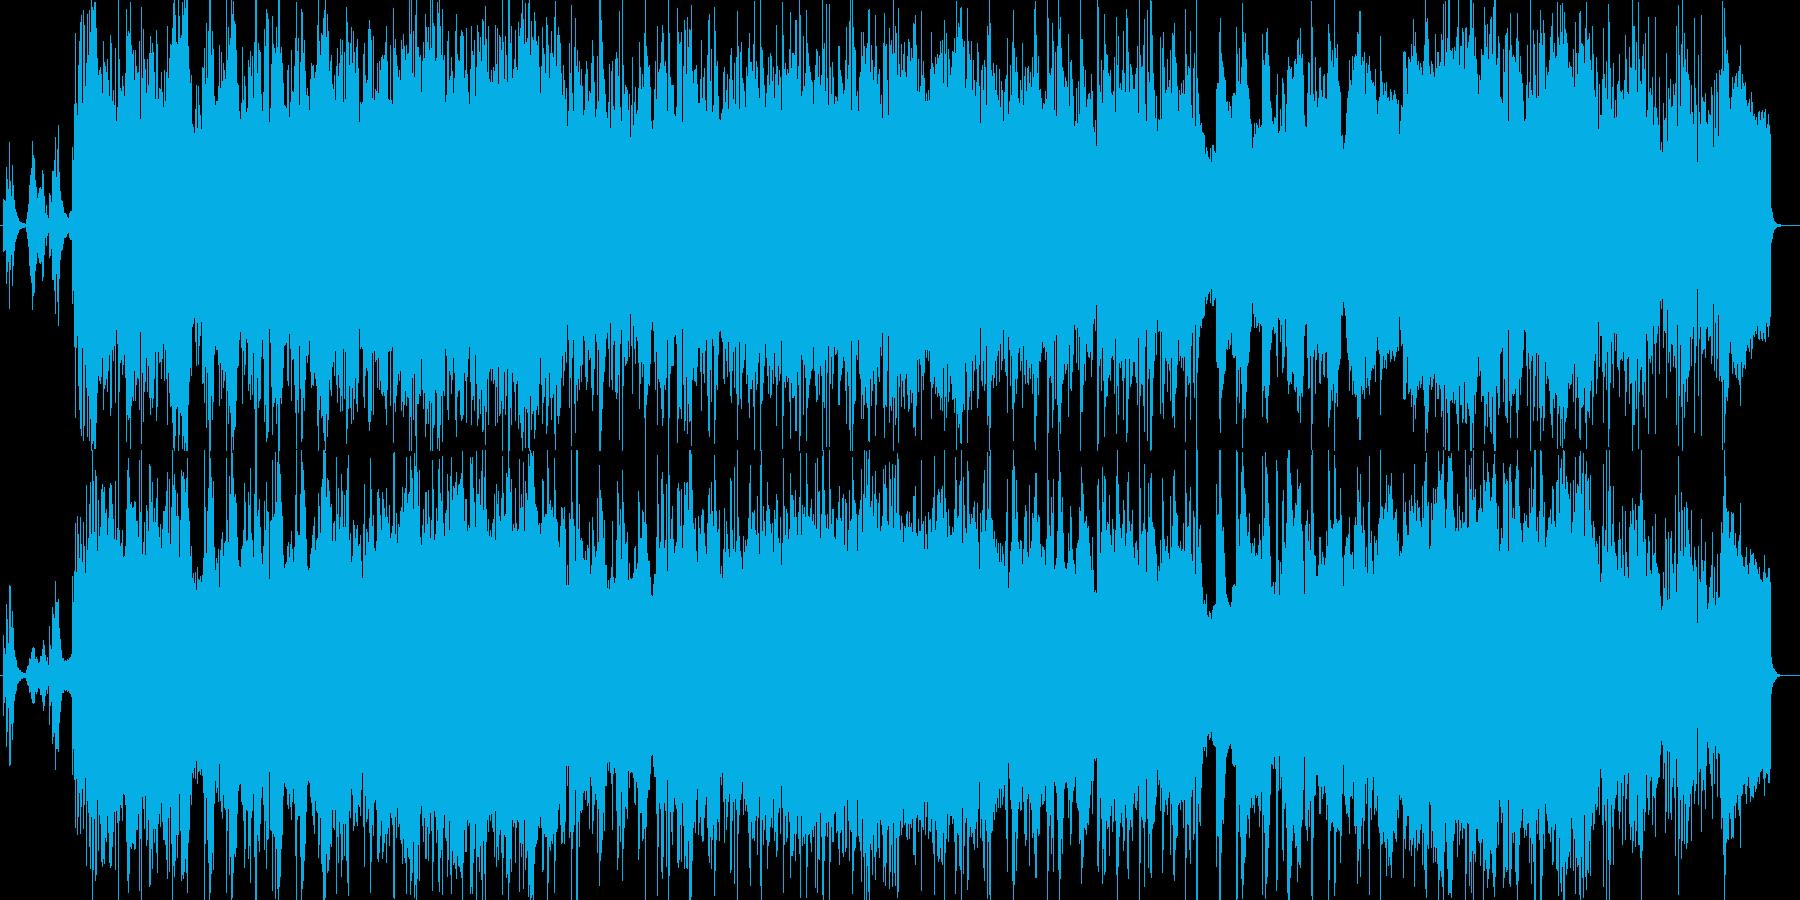 オシレータシンク活用の和風インスト曲の再生済みの波形